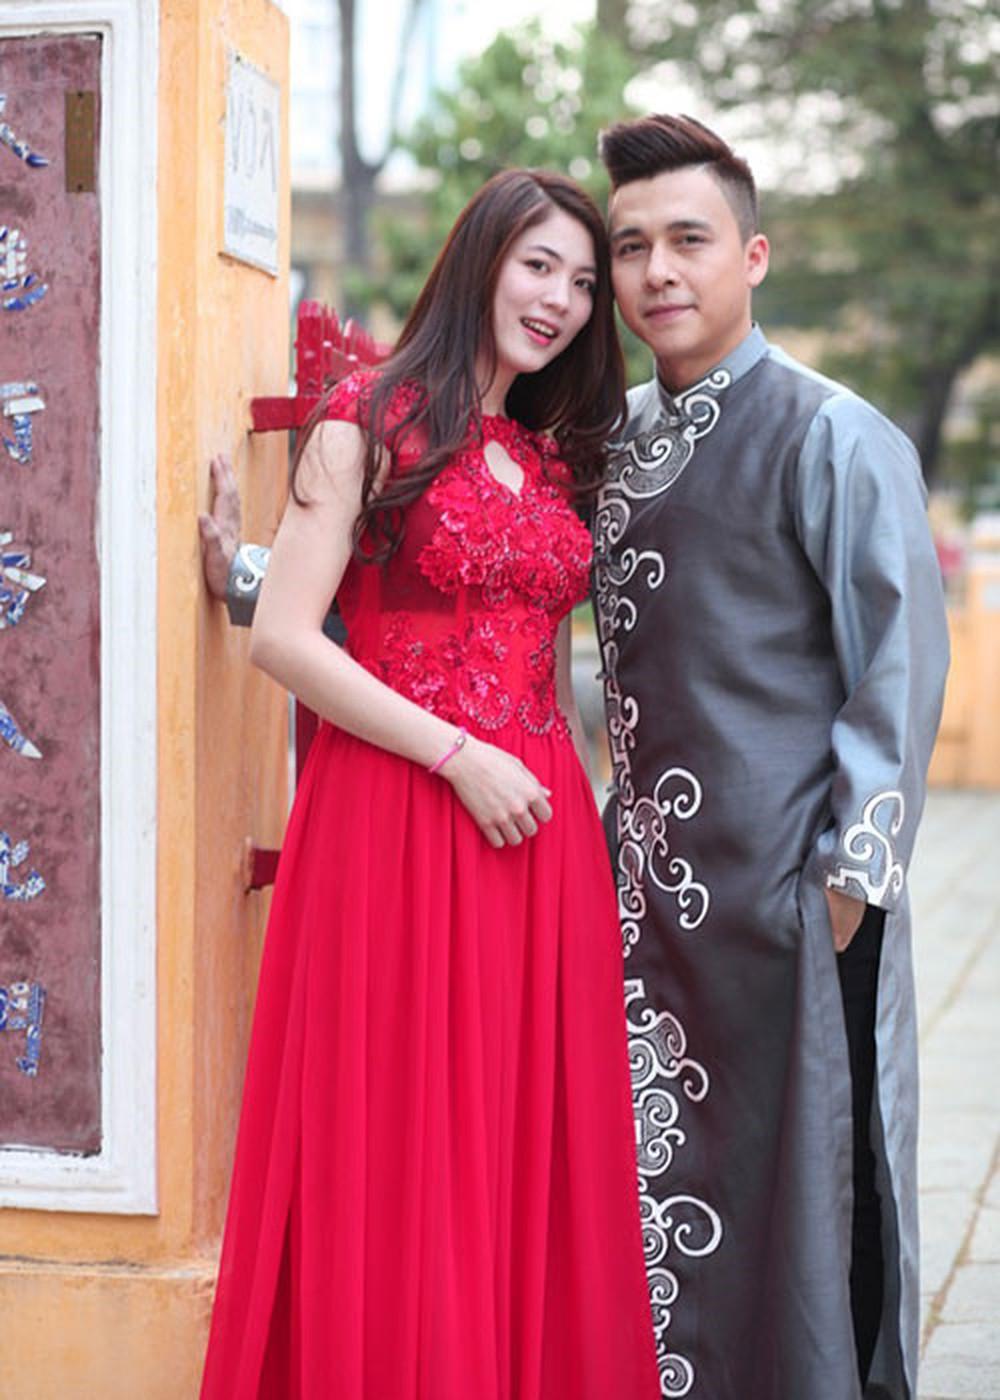 Nghi vấn bạn thân giật bồ: Chuyện không hiếm trong showbiz Việt, rắc rối chẳng kém vợ chồng Song - Song!-15